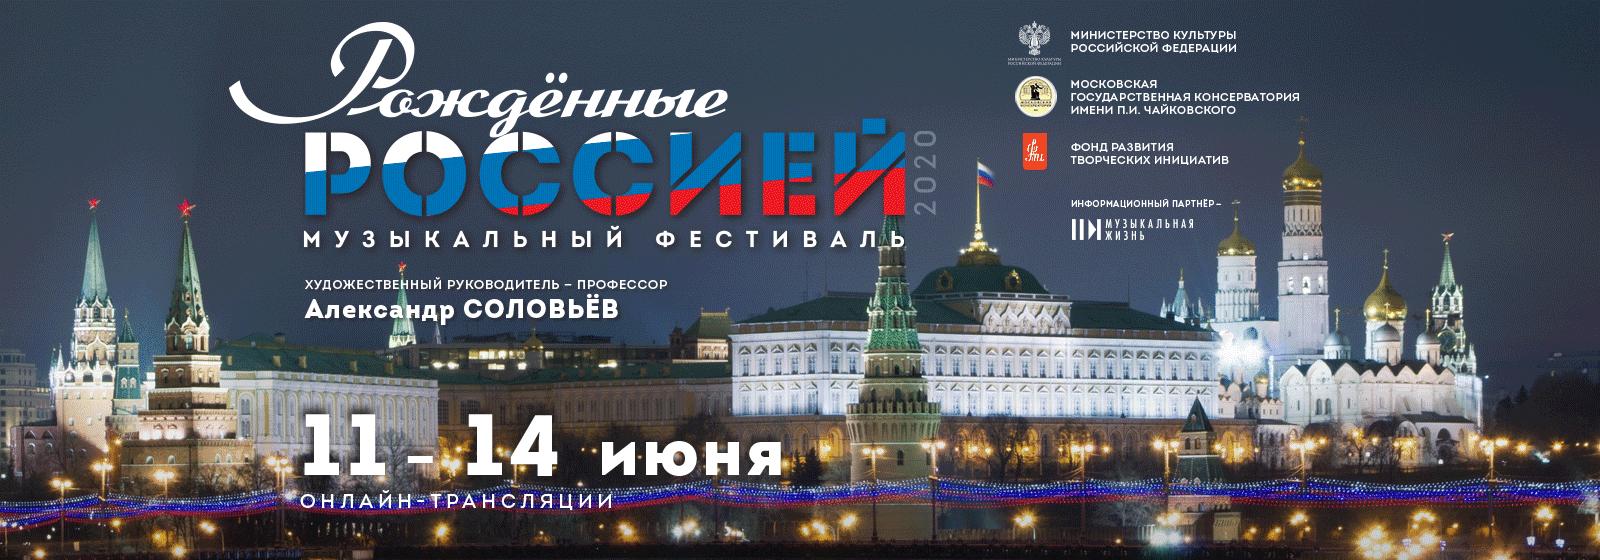 Московская консерватория ко Дню России